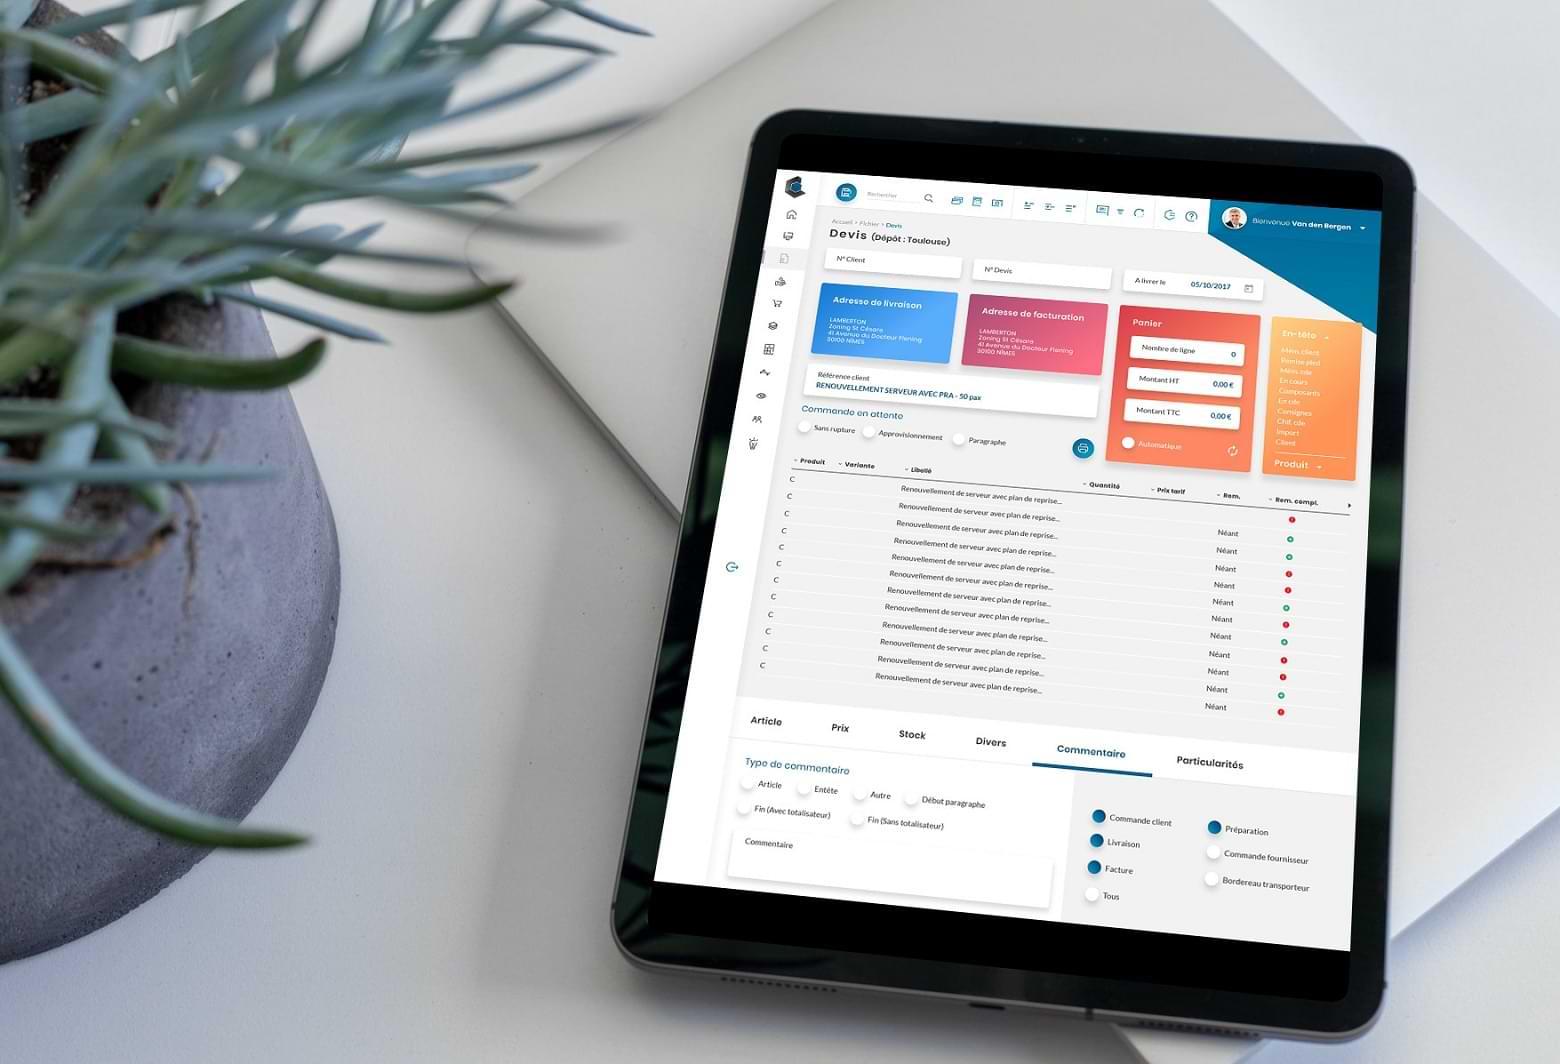 Refonte graphique et ergonomique du logiciel de gestion, animation de workshop à Toulouse, charte digitale, conseil et conception UX